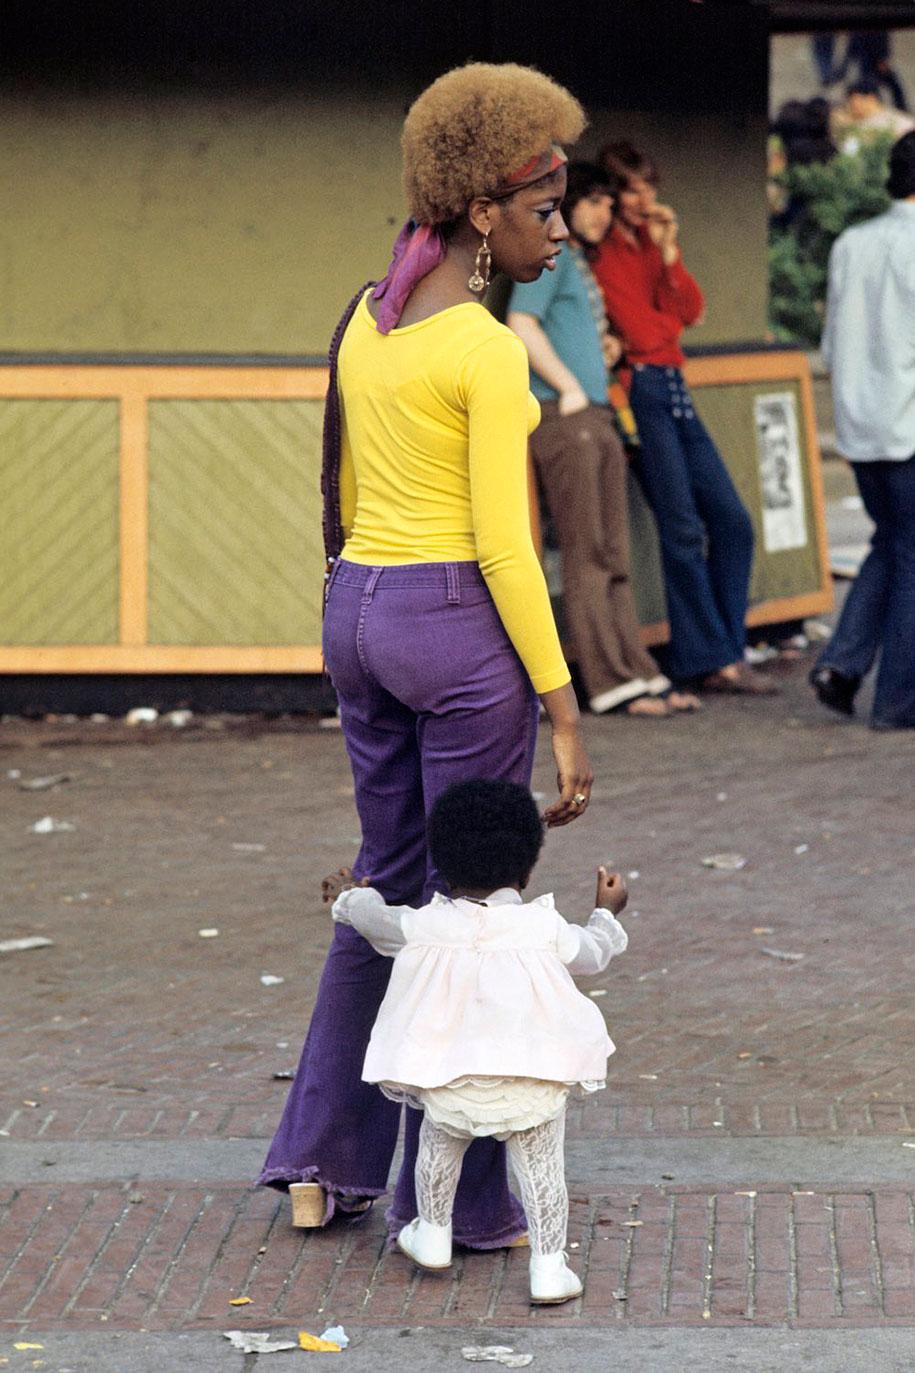 people-living-harlem-ghetto-july-1970-jack-garofalo-9